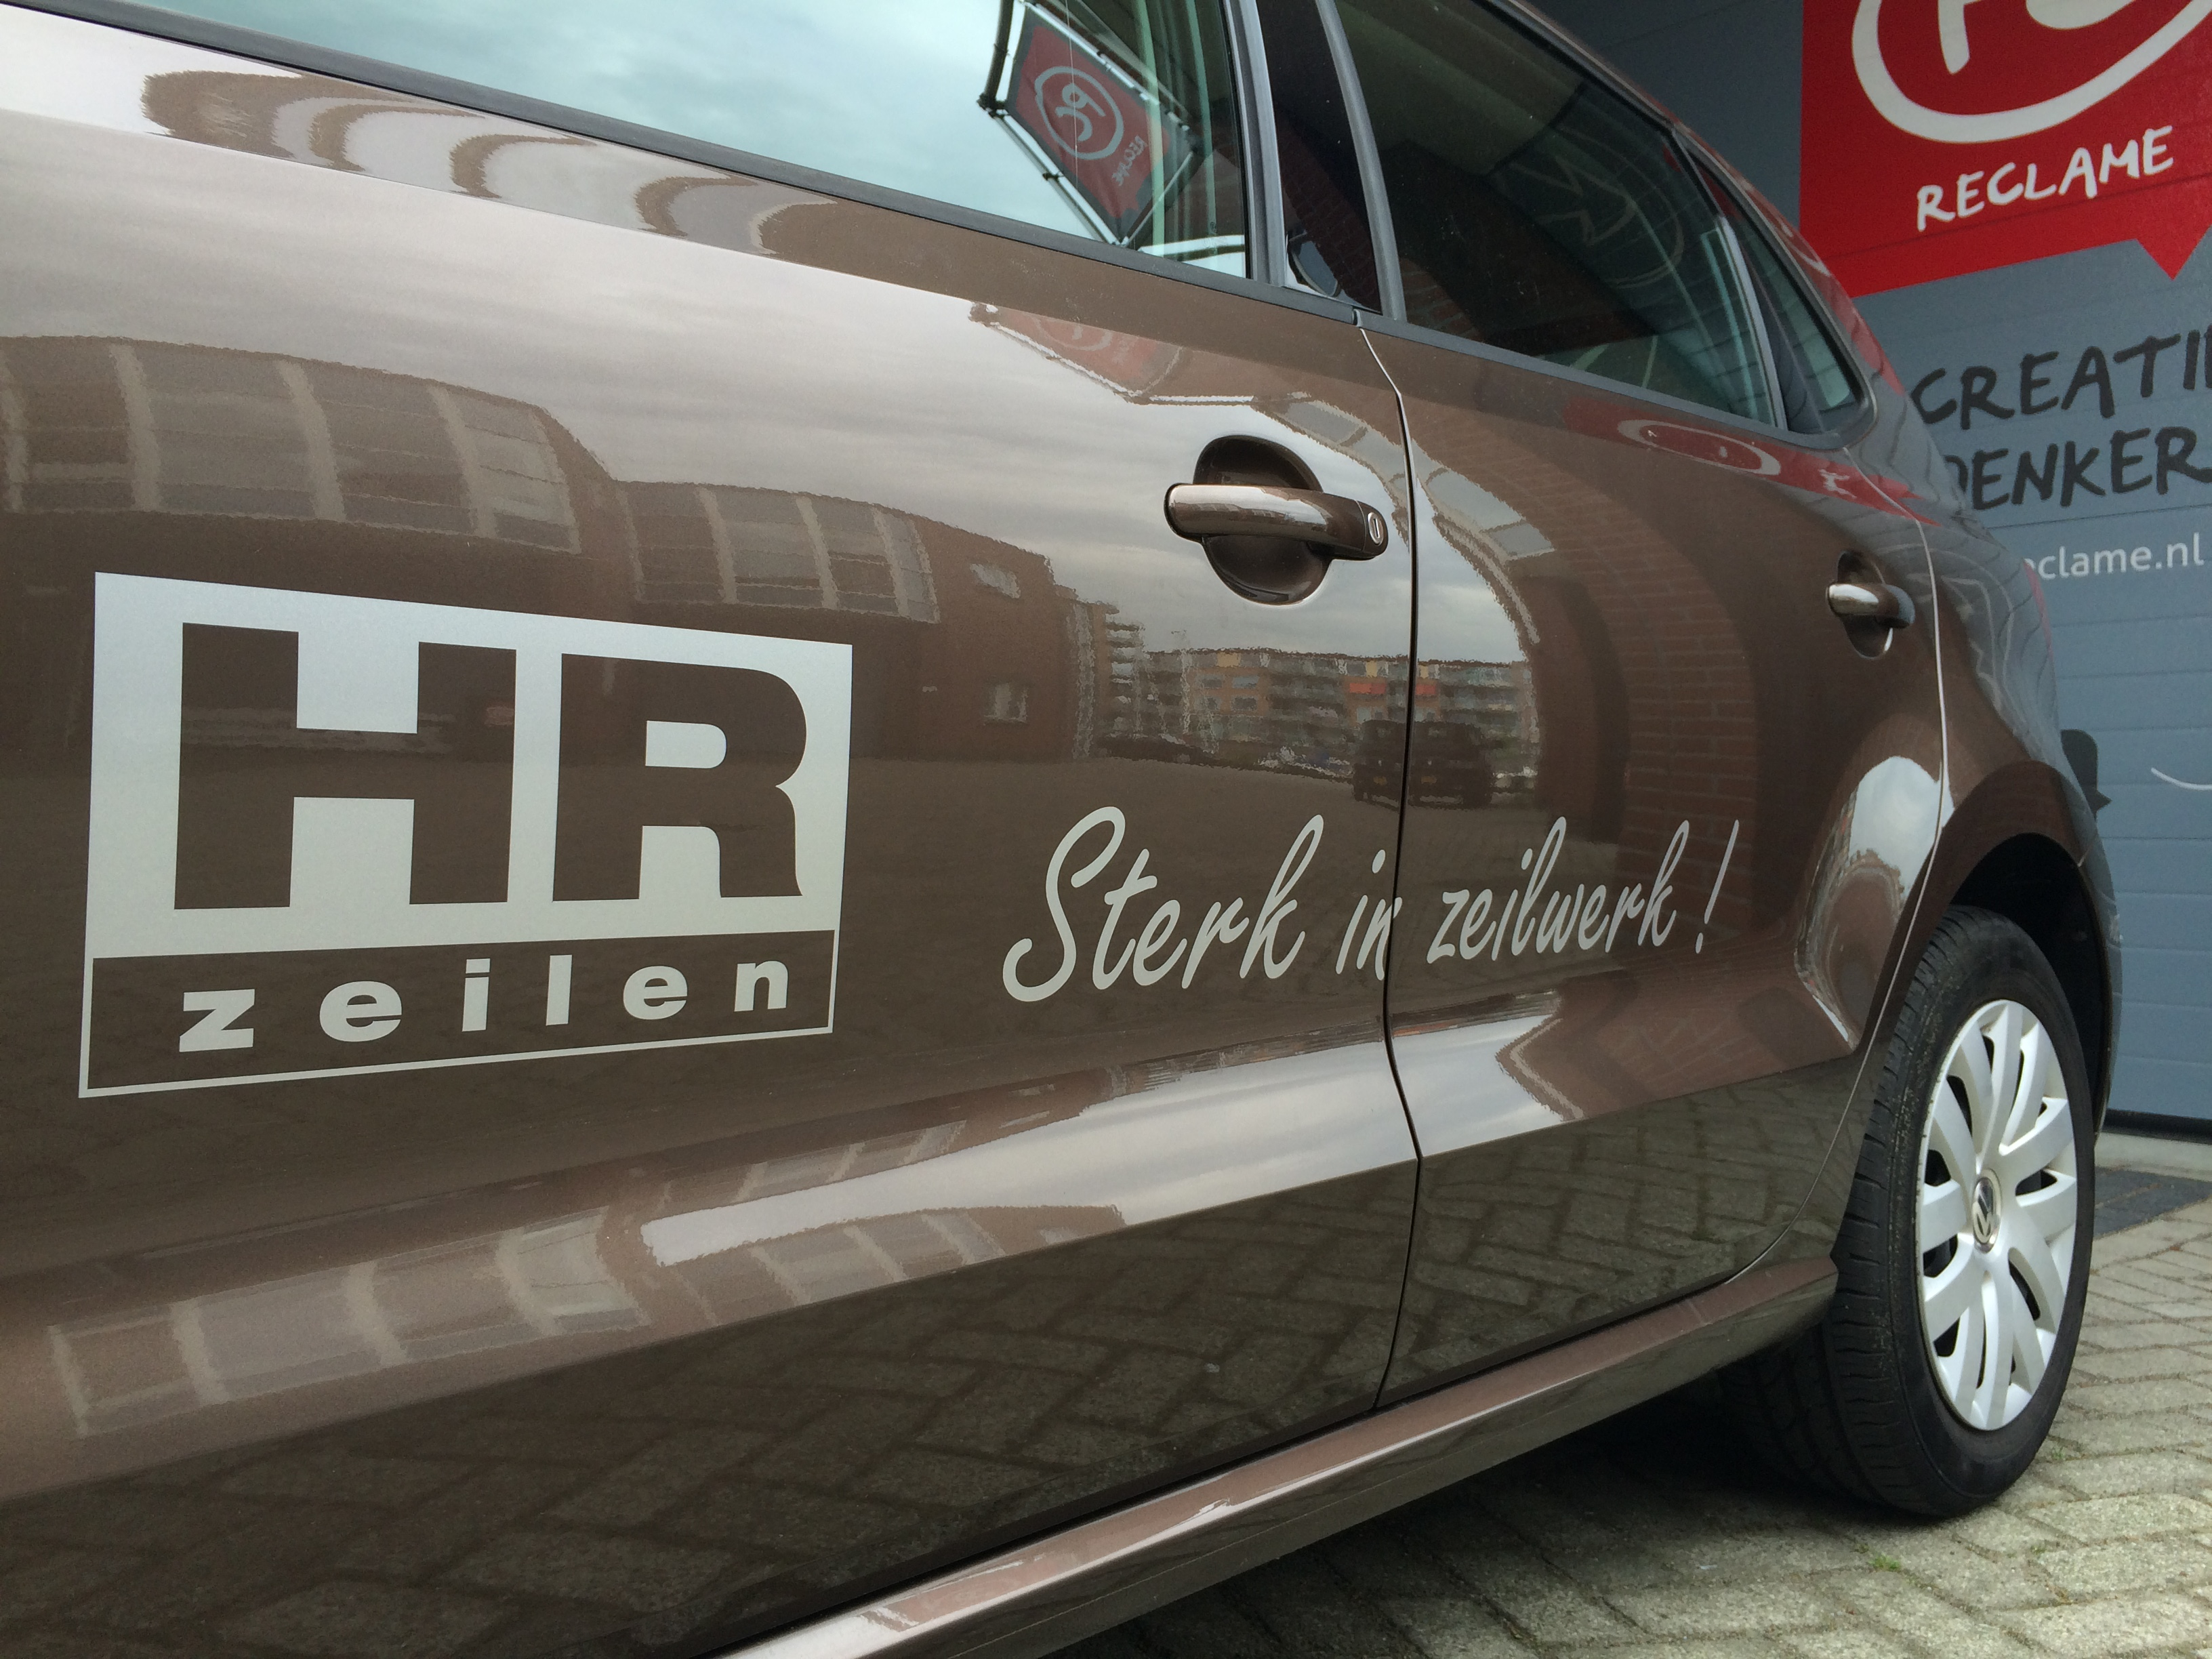 HR Zeilen autobelettering - belettering met stijl